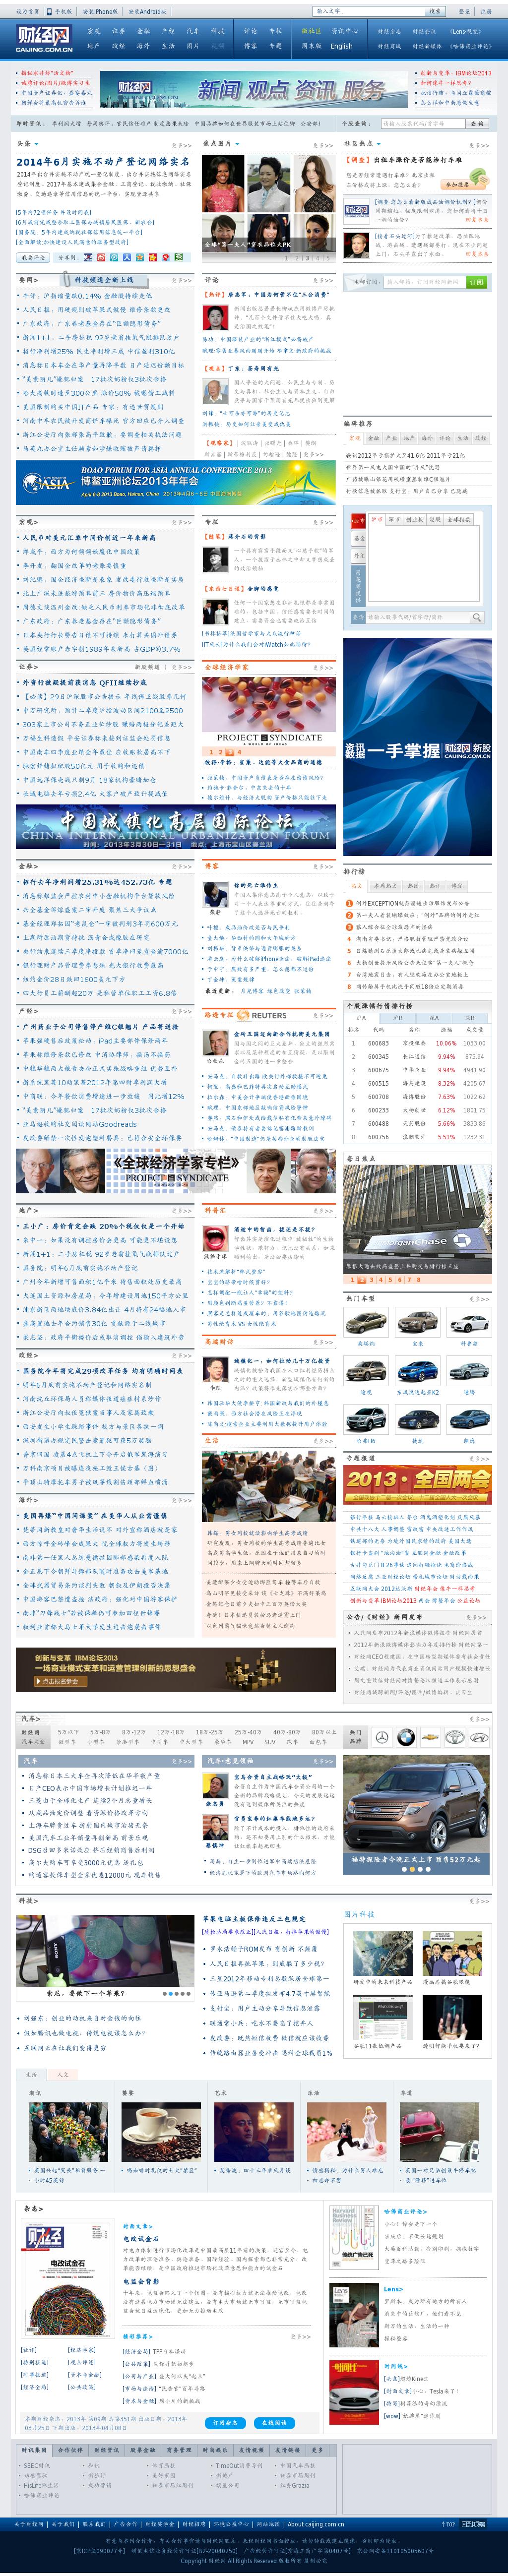 Caijing at Friday March 29, 2013, 5:02 a.m. UTC